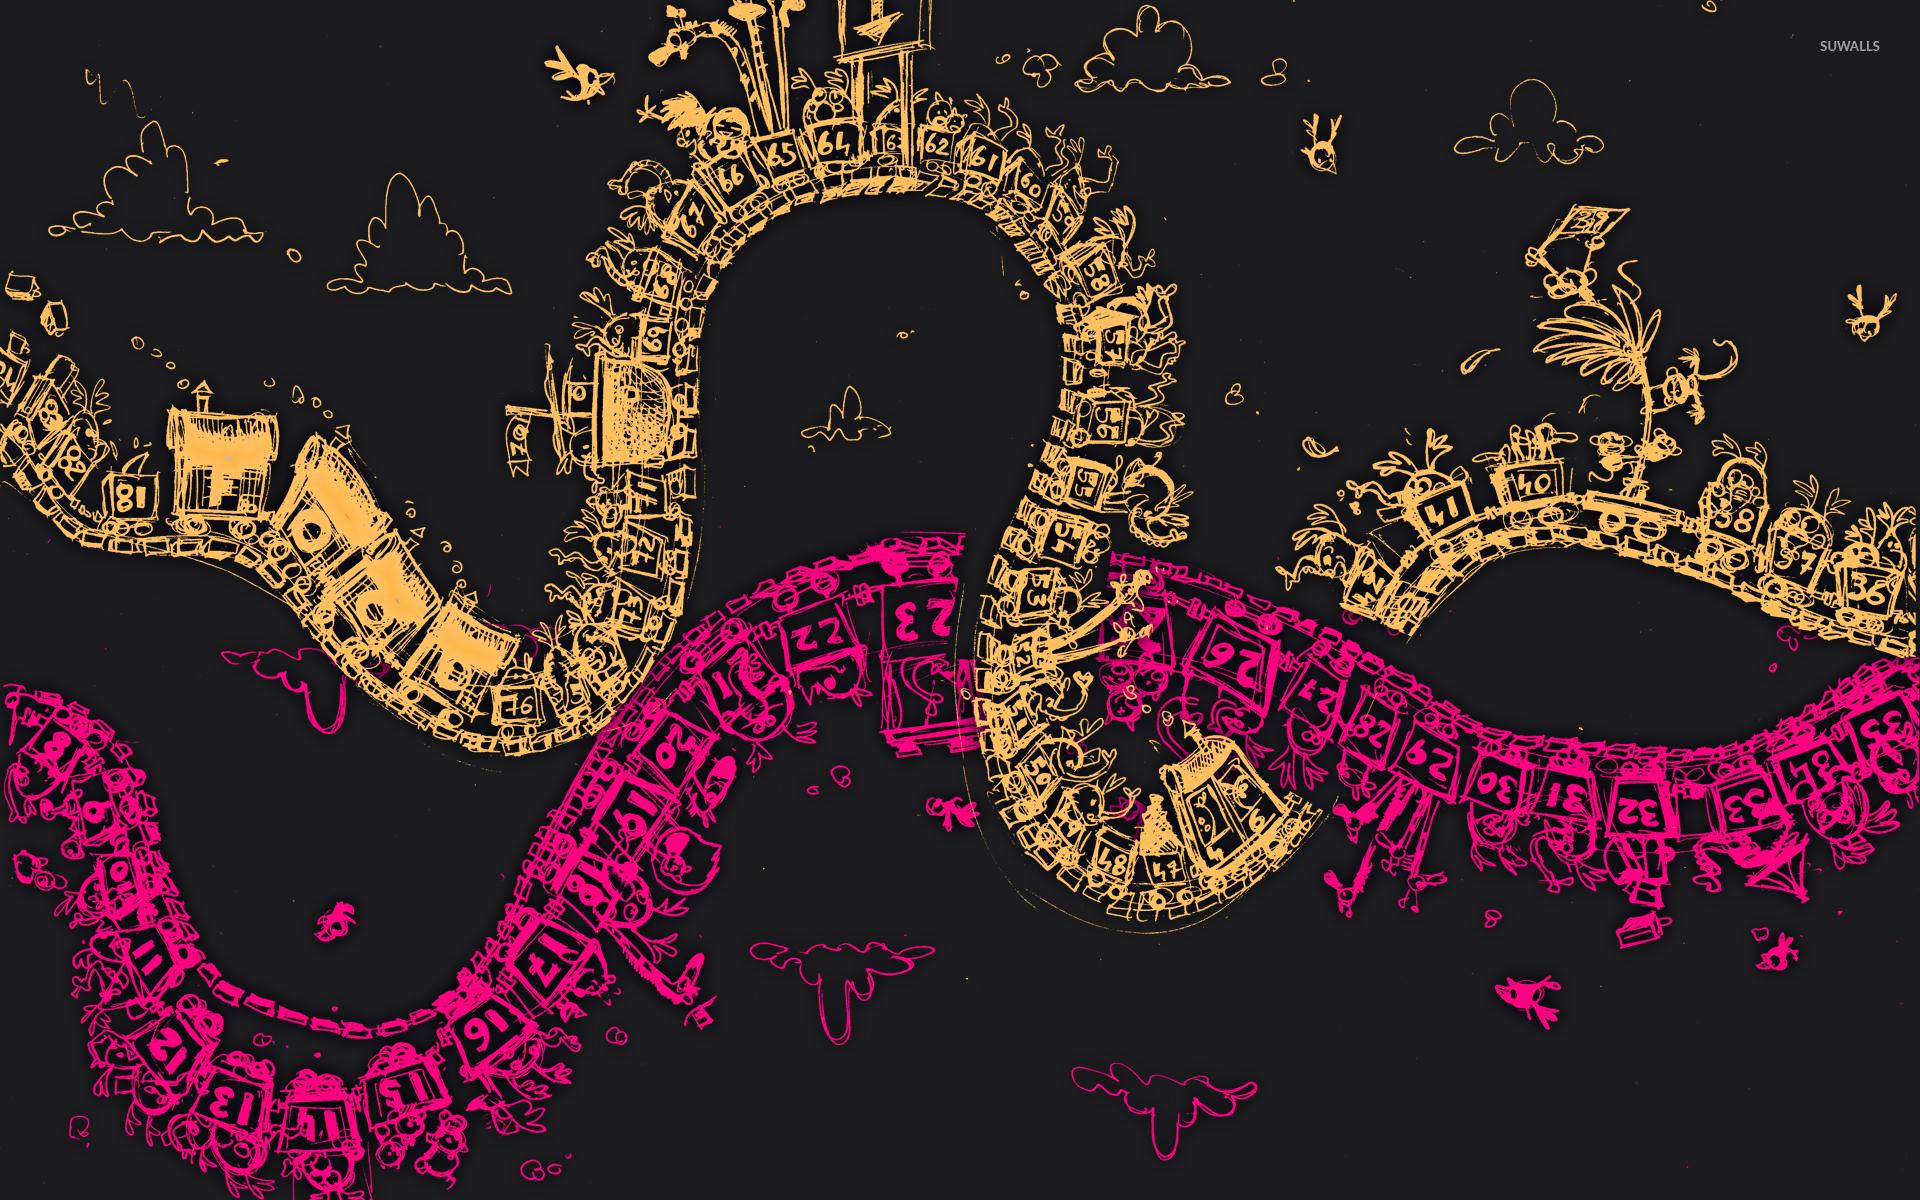 number train wallpaper - digital art wallpapers - #45069